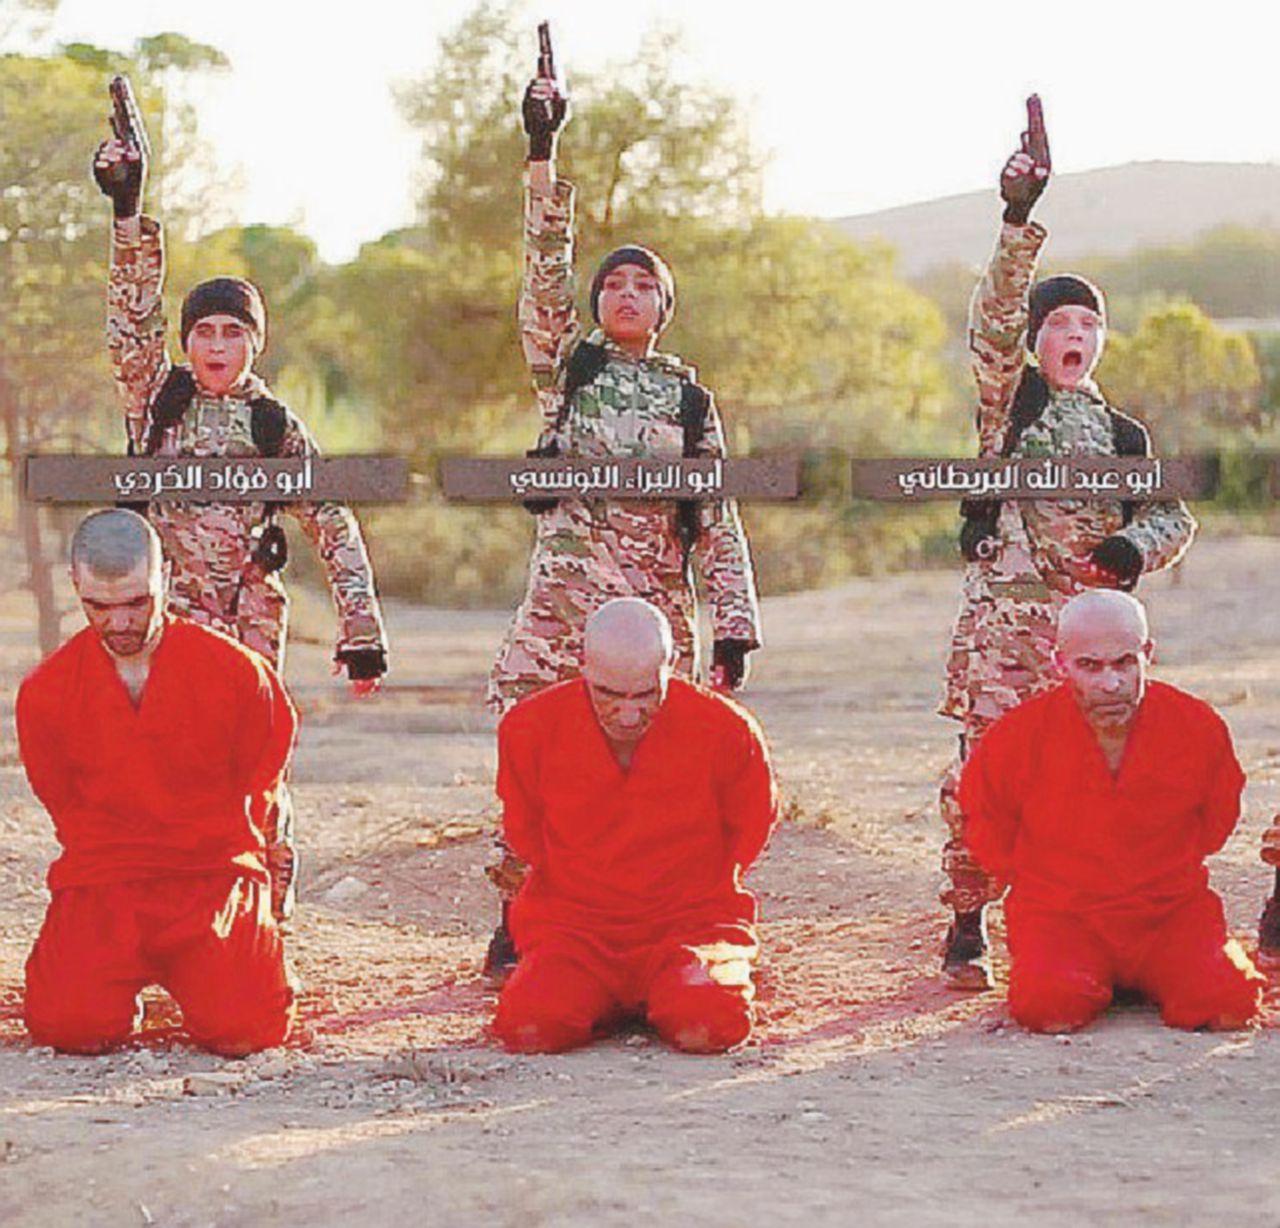 """I """"cuccioli"""" del Califfo: l'ultima speranza del jihad"""